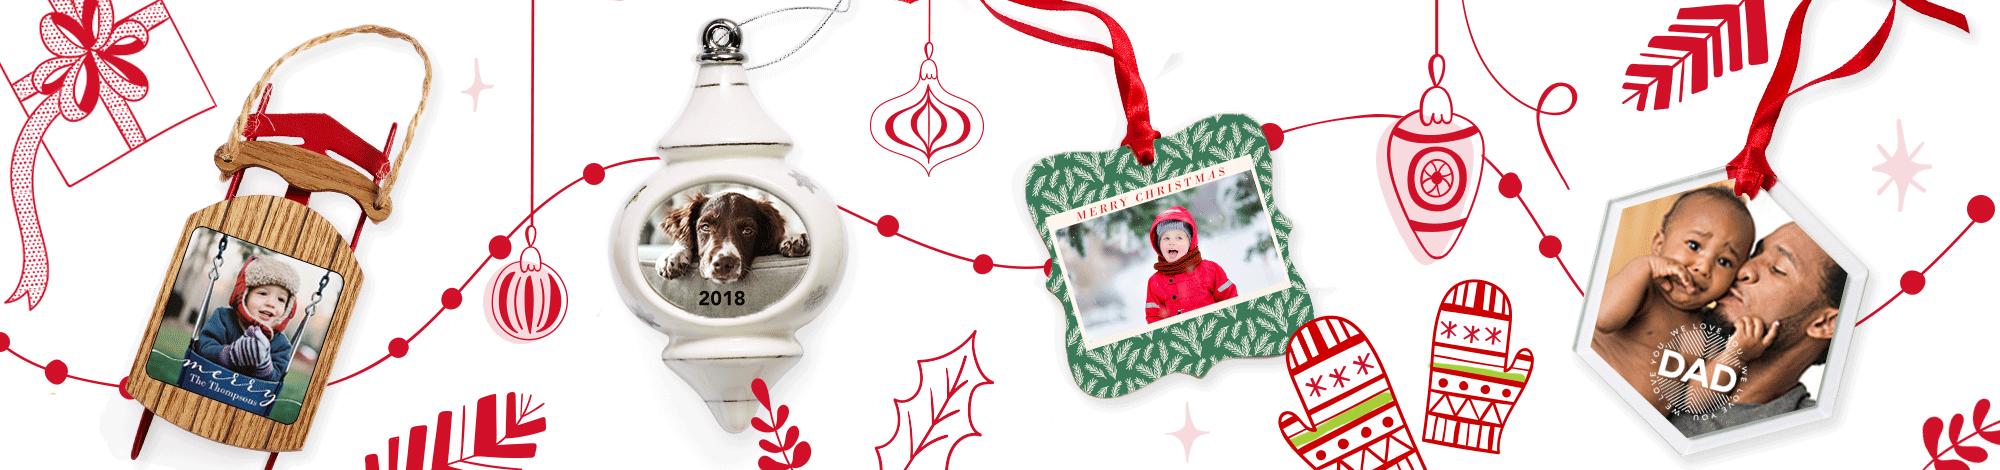 Make them a mug for Christmas morning